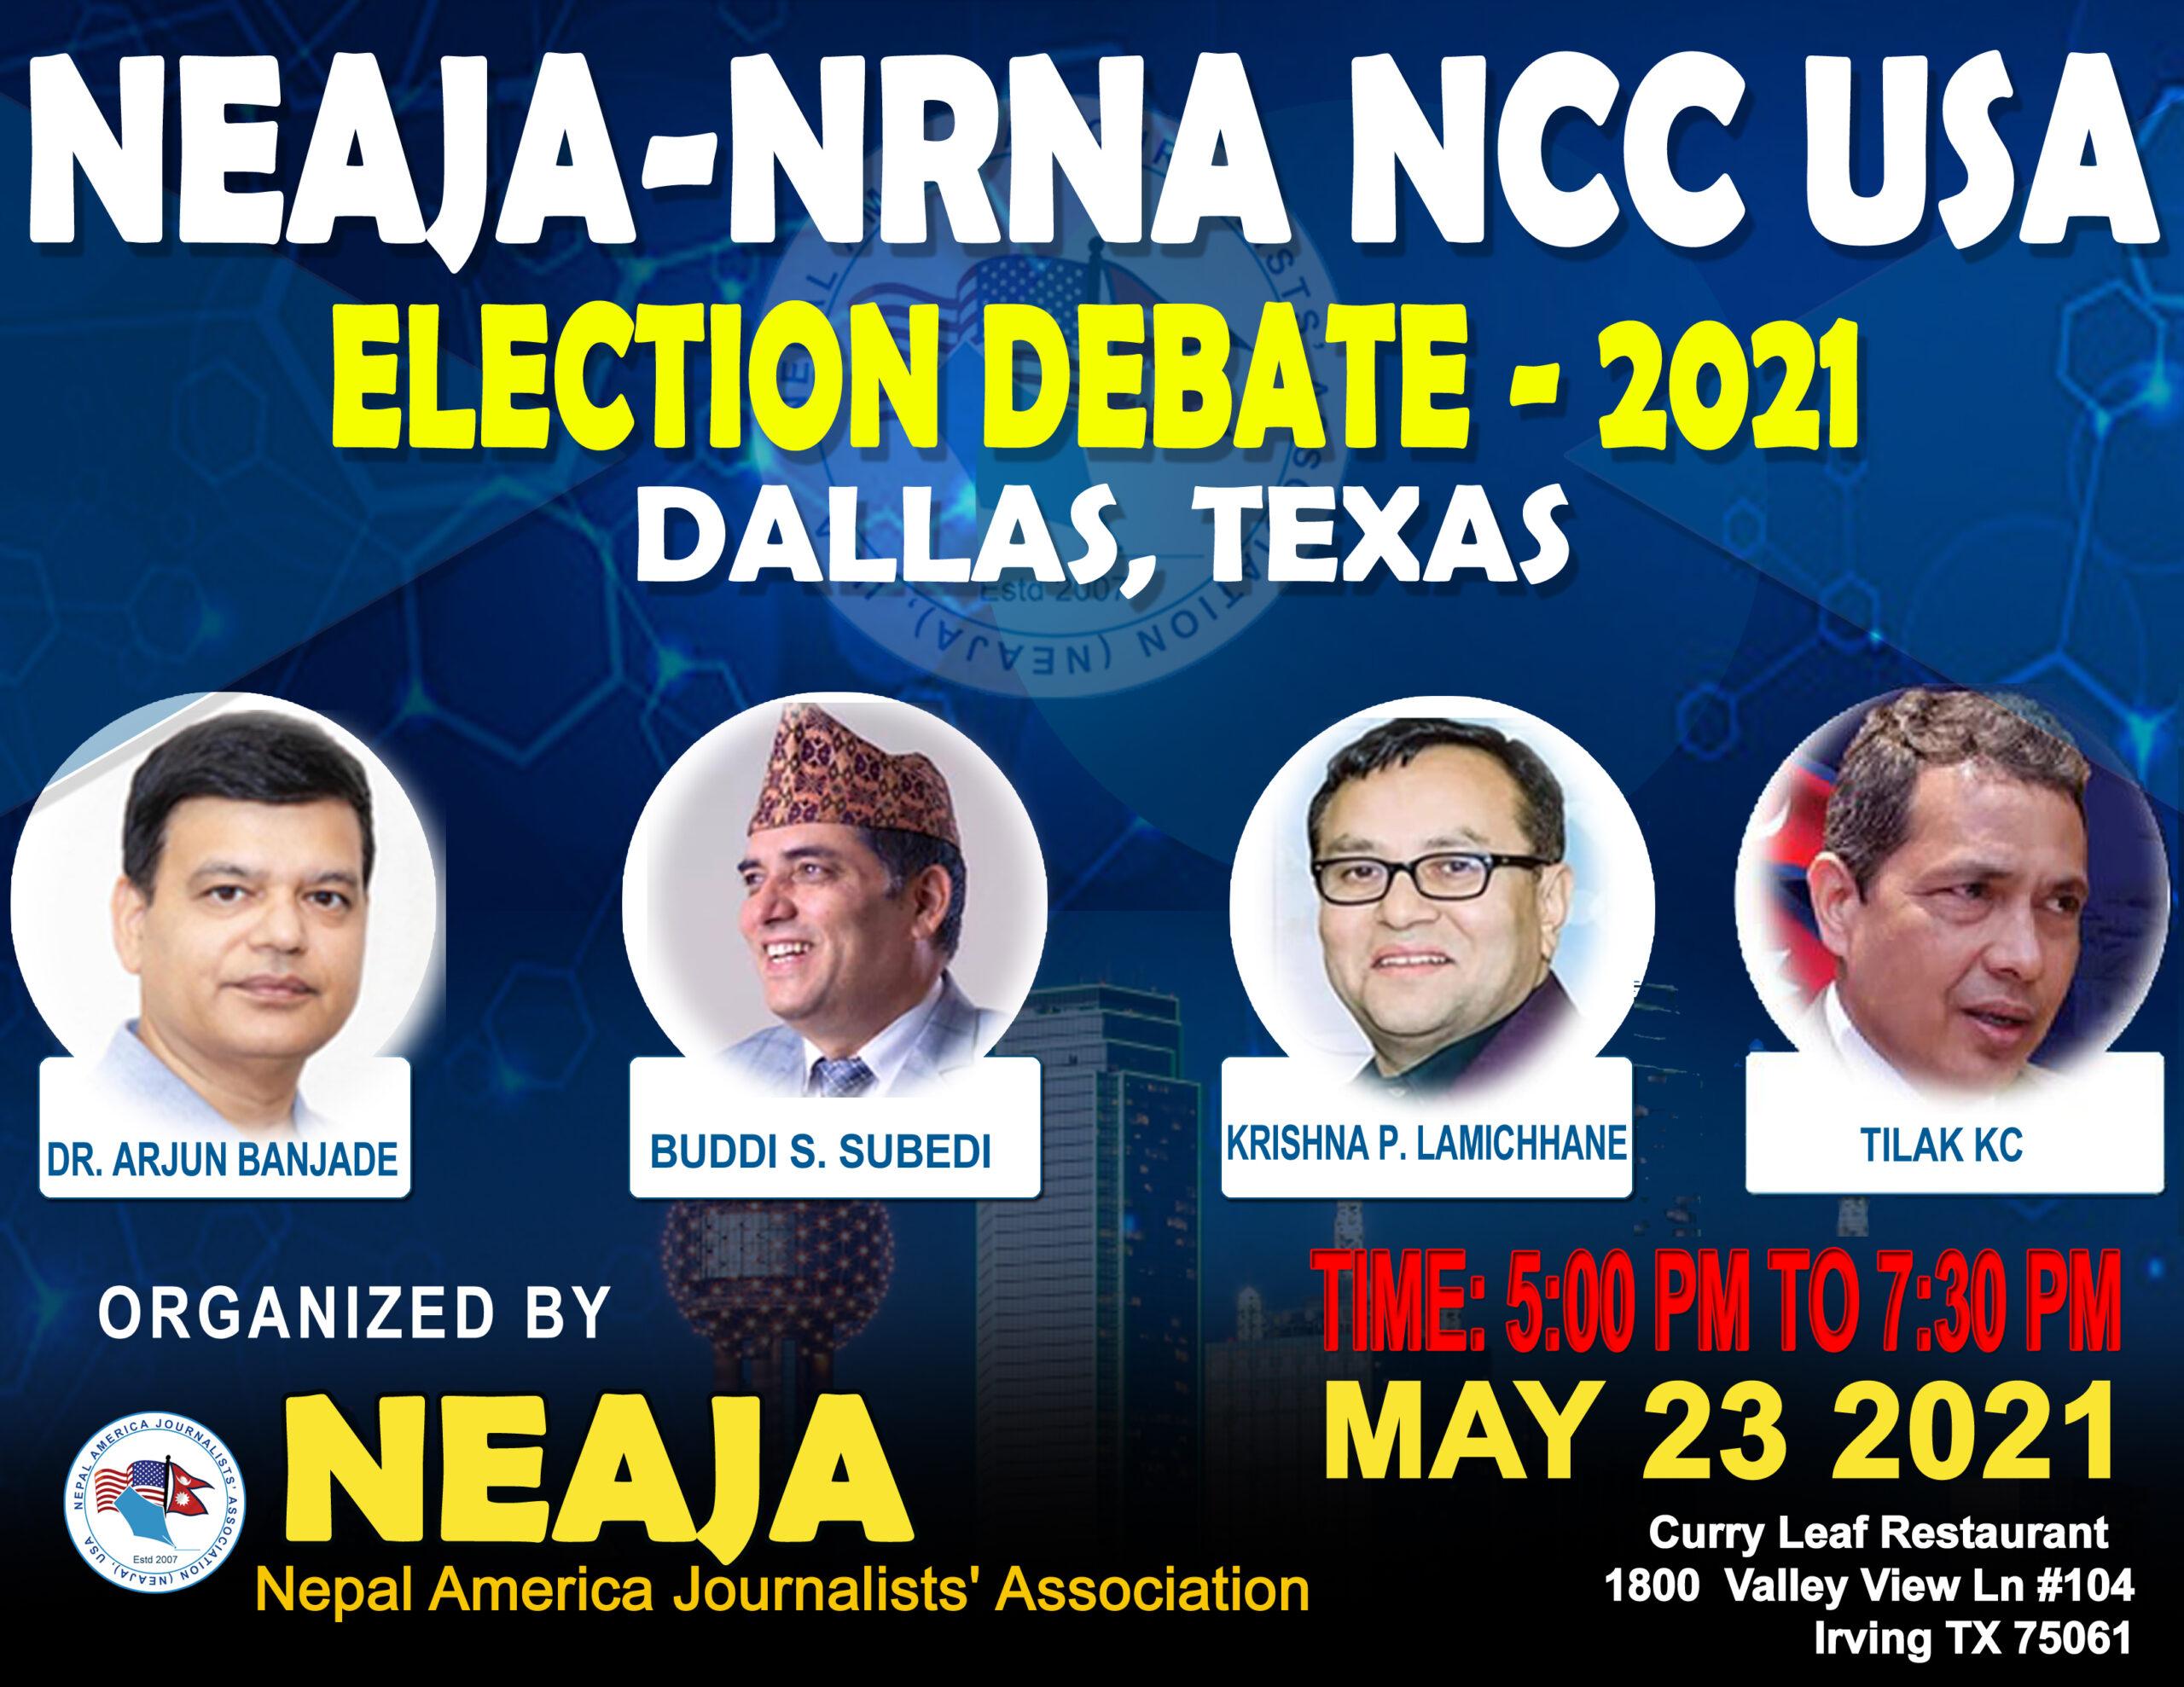 'नेजा-एनआरएनए अमेरिका निर्वाचन बहस' मे २३ आईतवार डालसमा